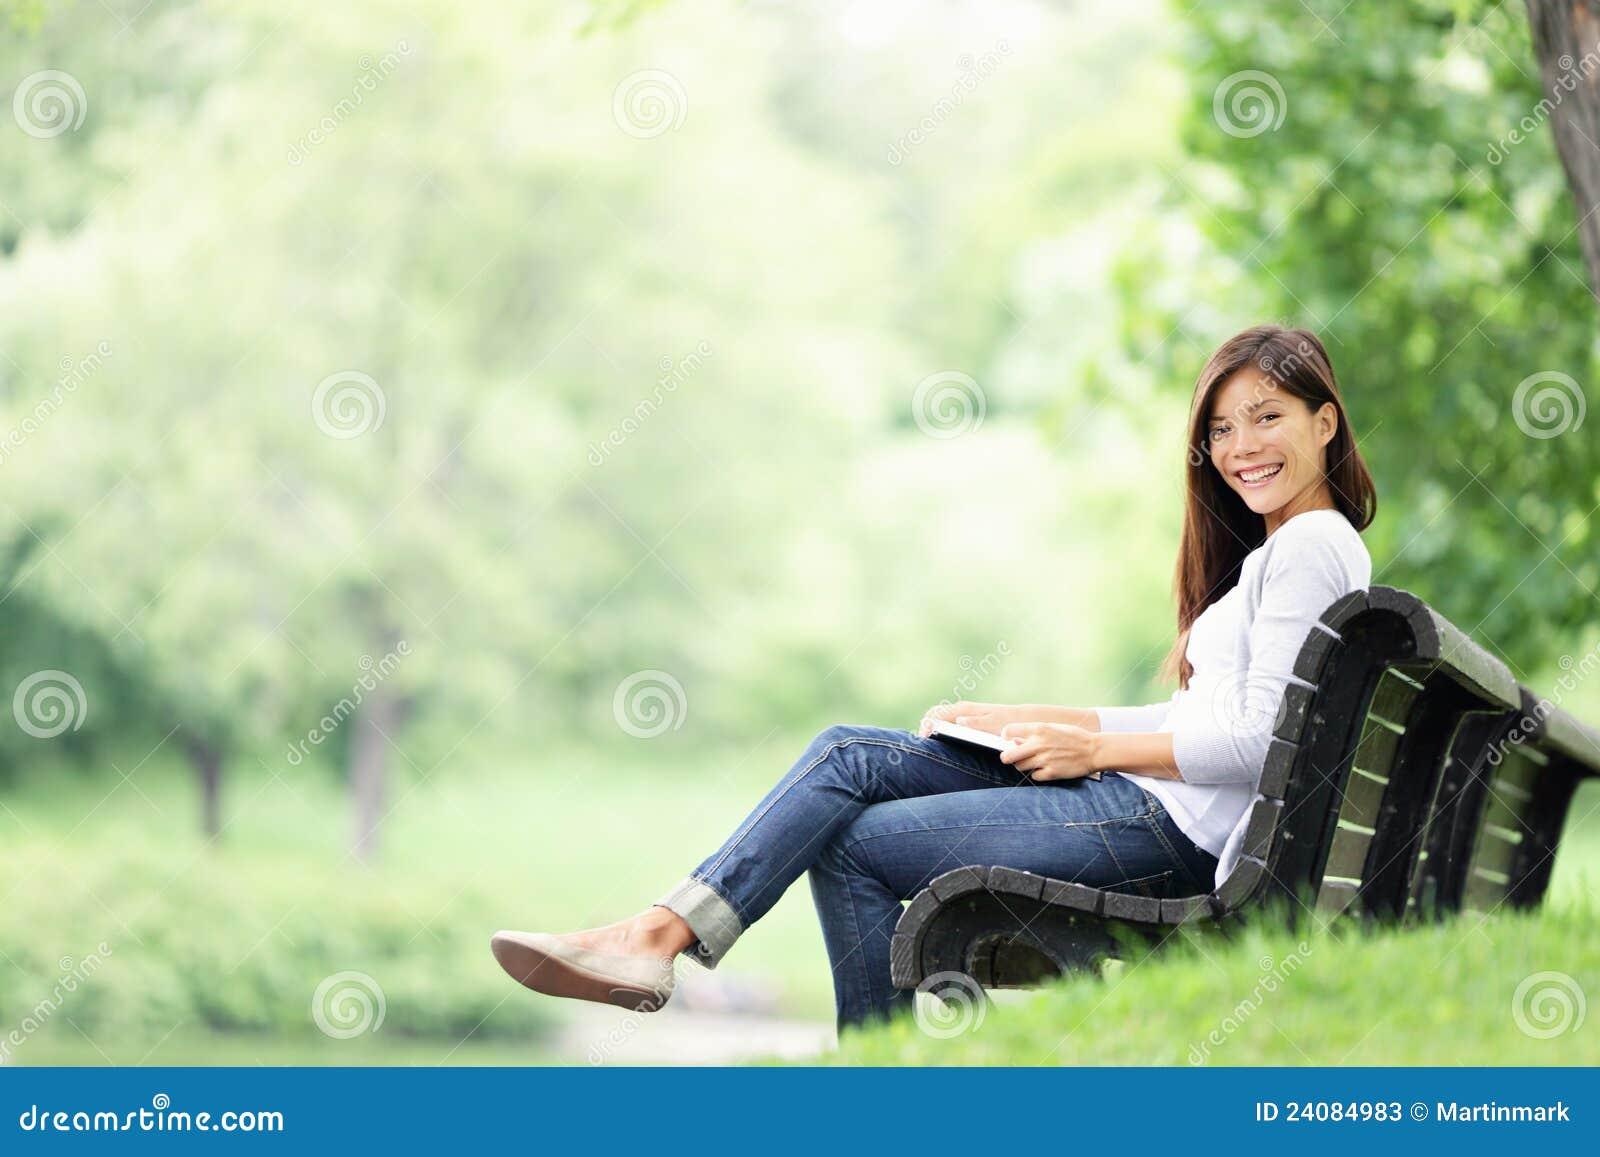 Le relevé de femme de stationnement sur le banc